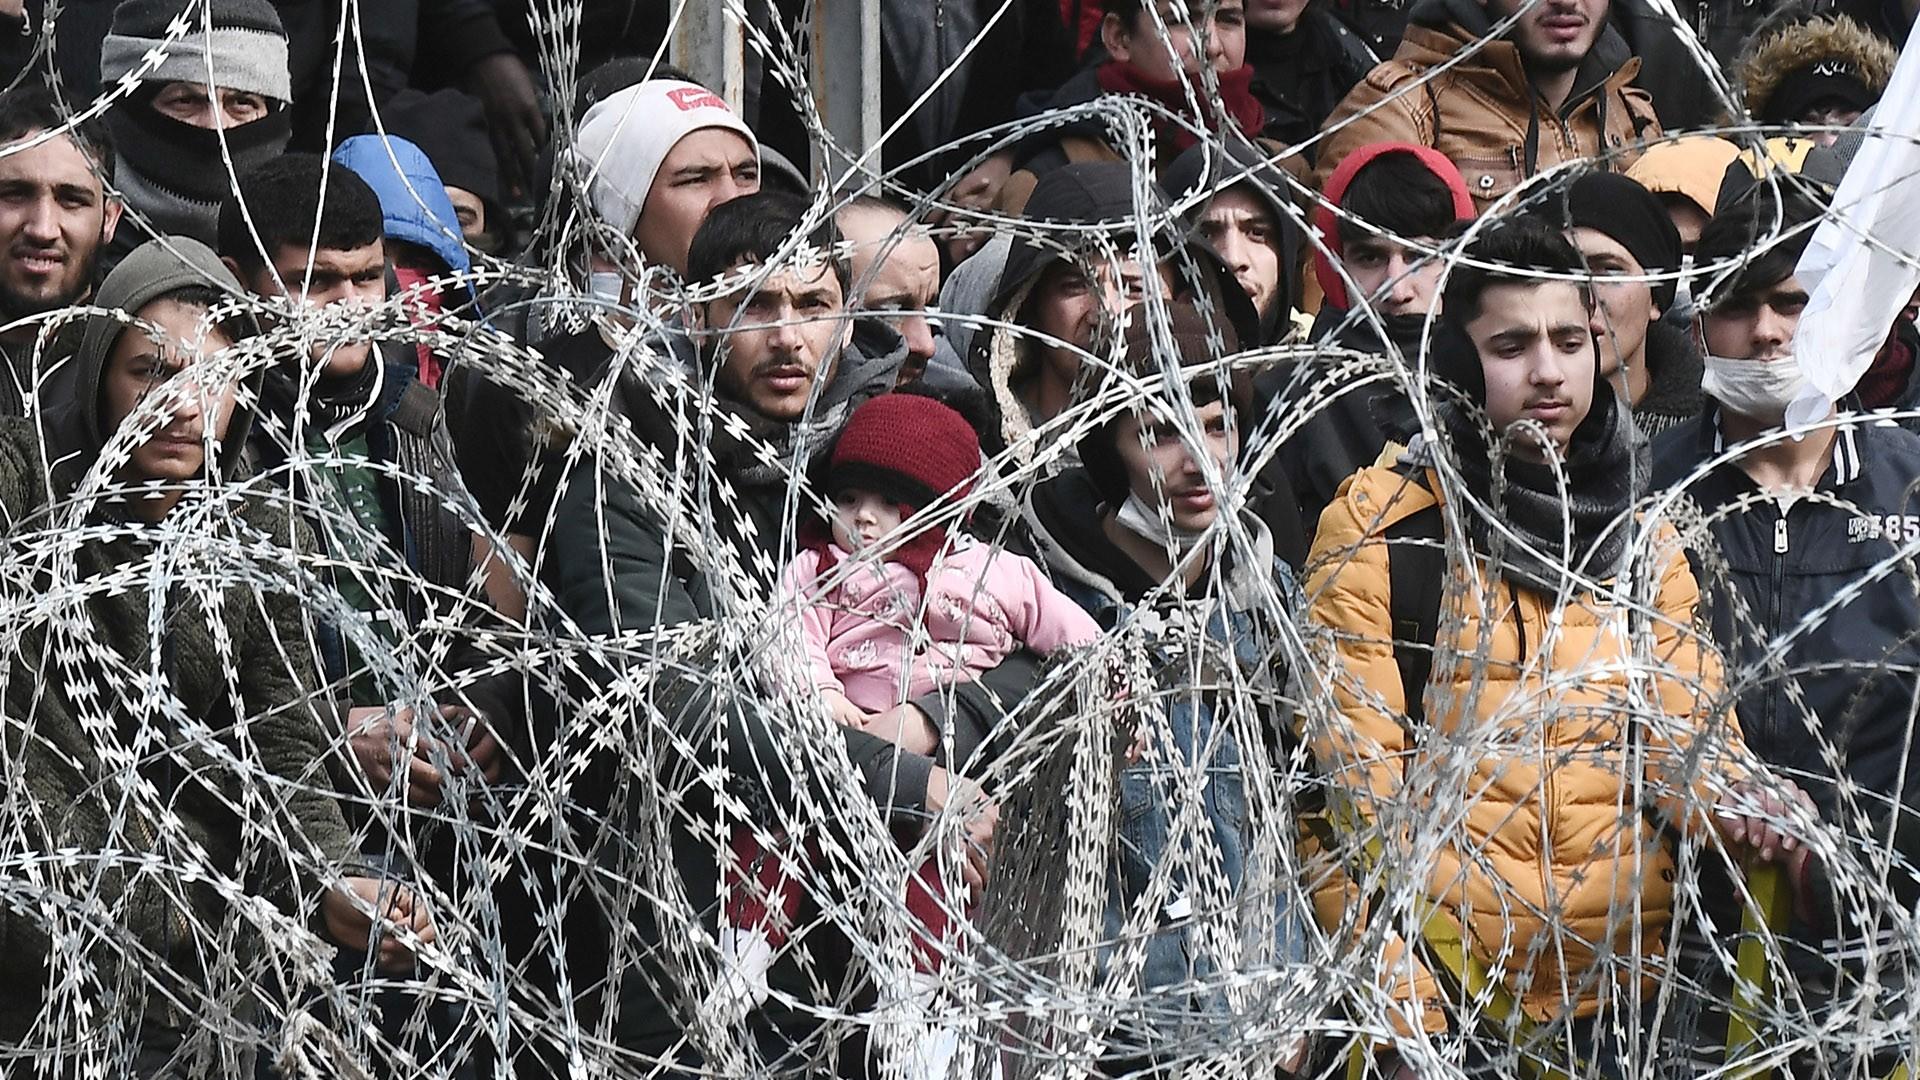 اللاجئون في تركيا ..  رحلة معاناة من أجل الوصول إلى أوروبا│